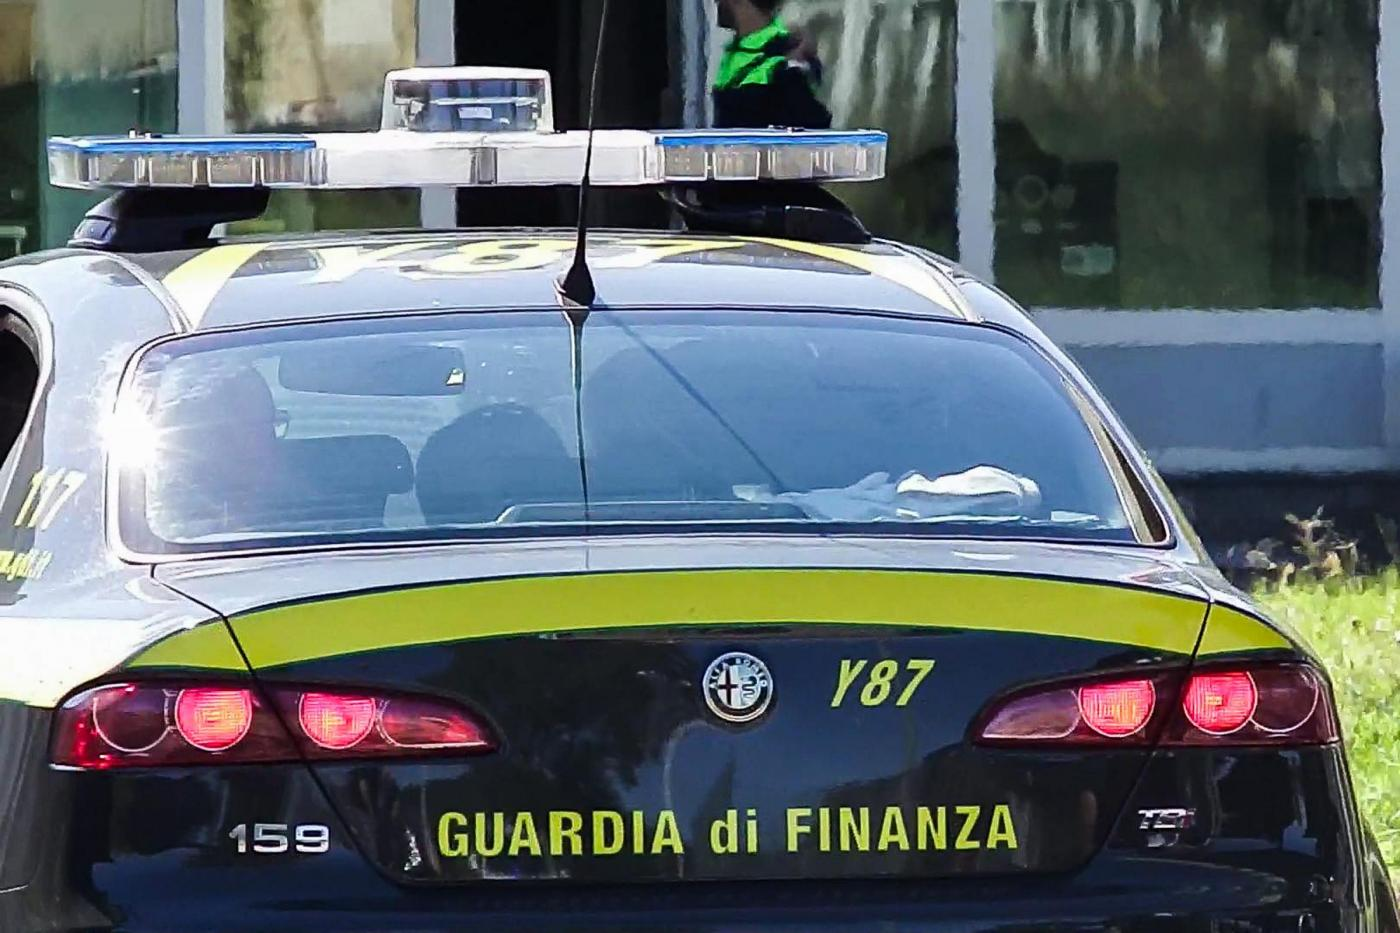 Marco Marenco, accusato del crac della Borsalino arriva al carcere di Quarto d'Asti